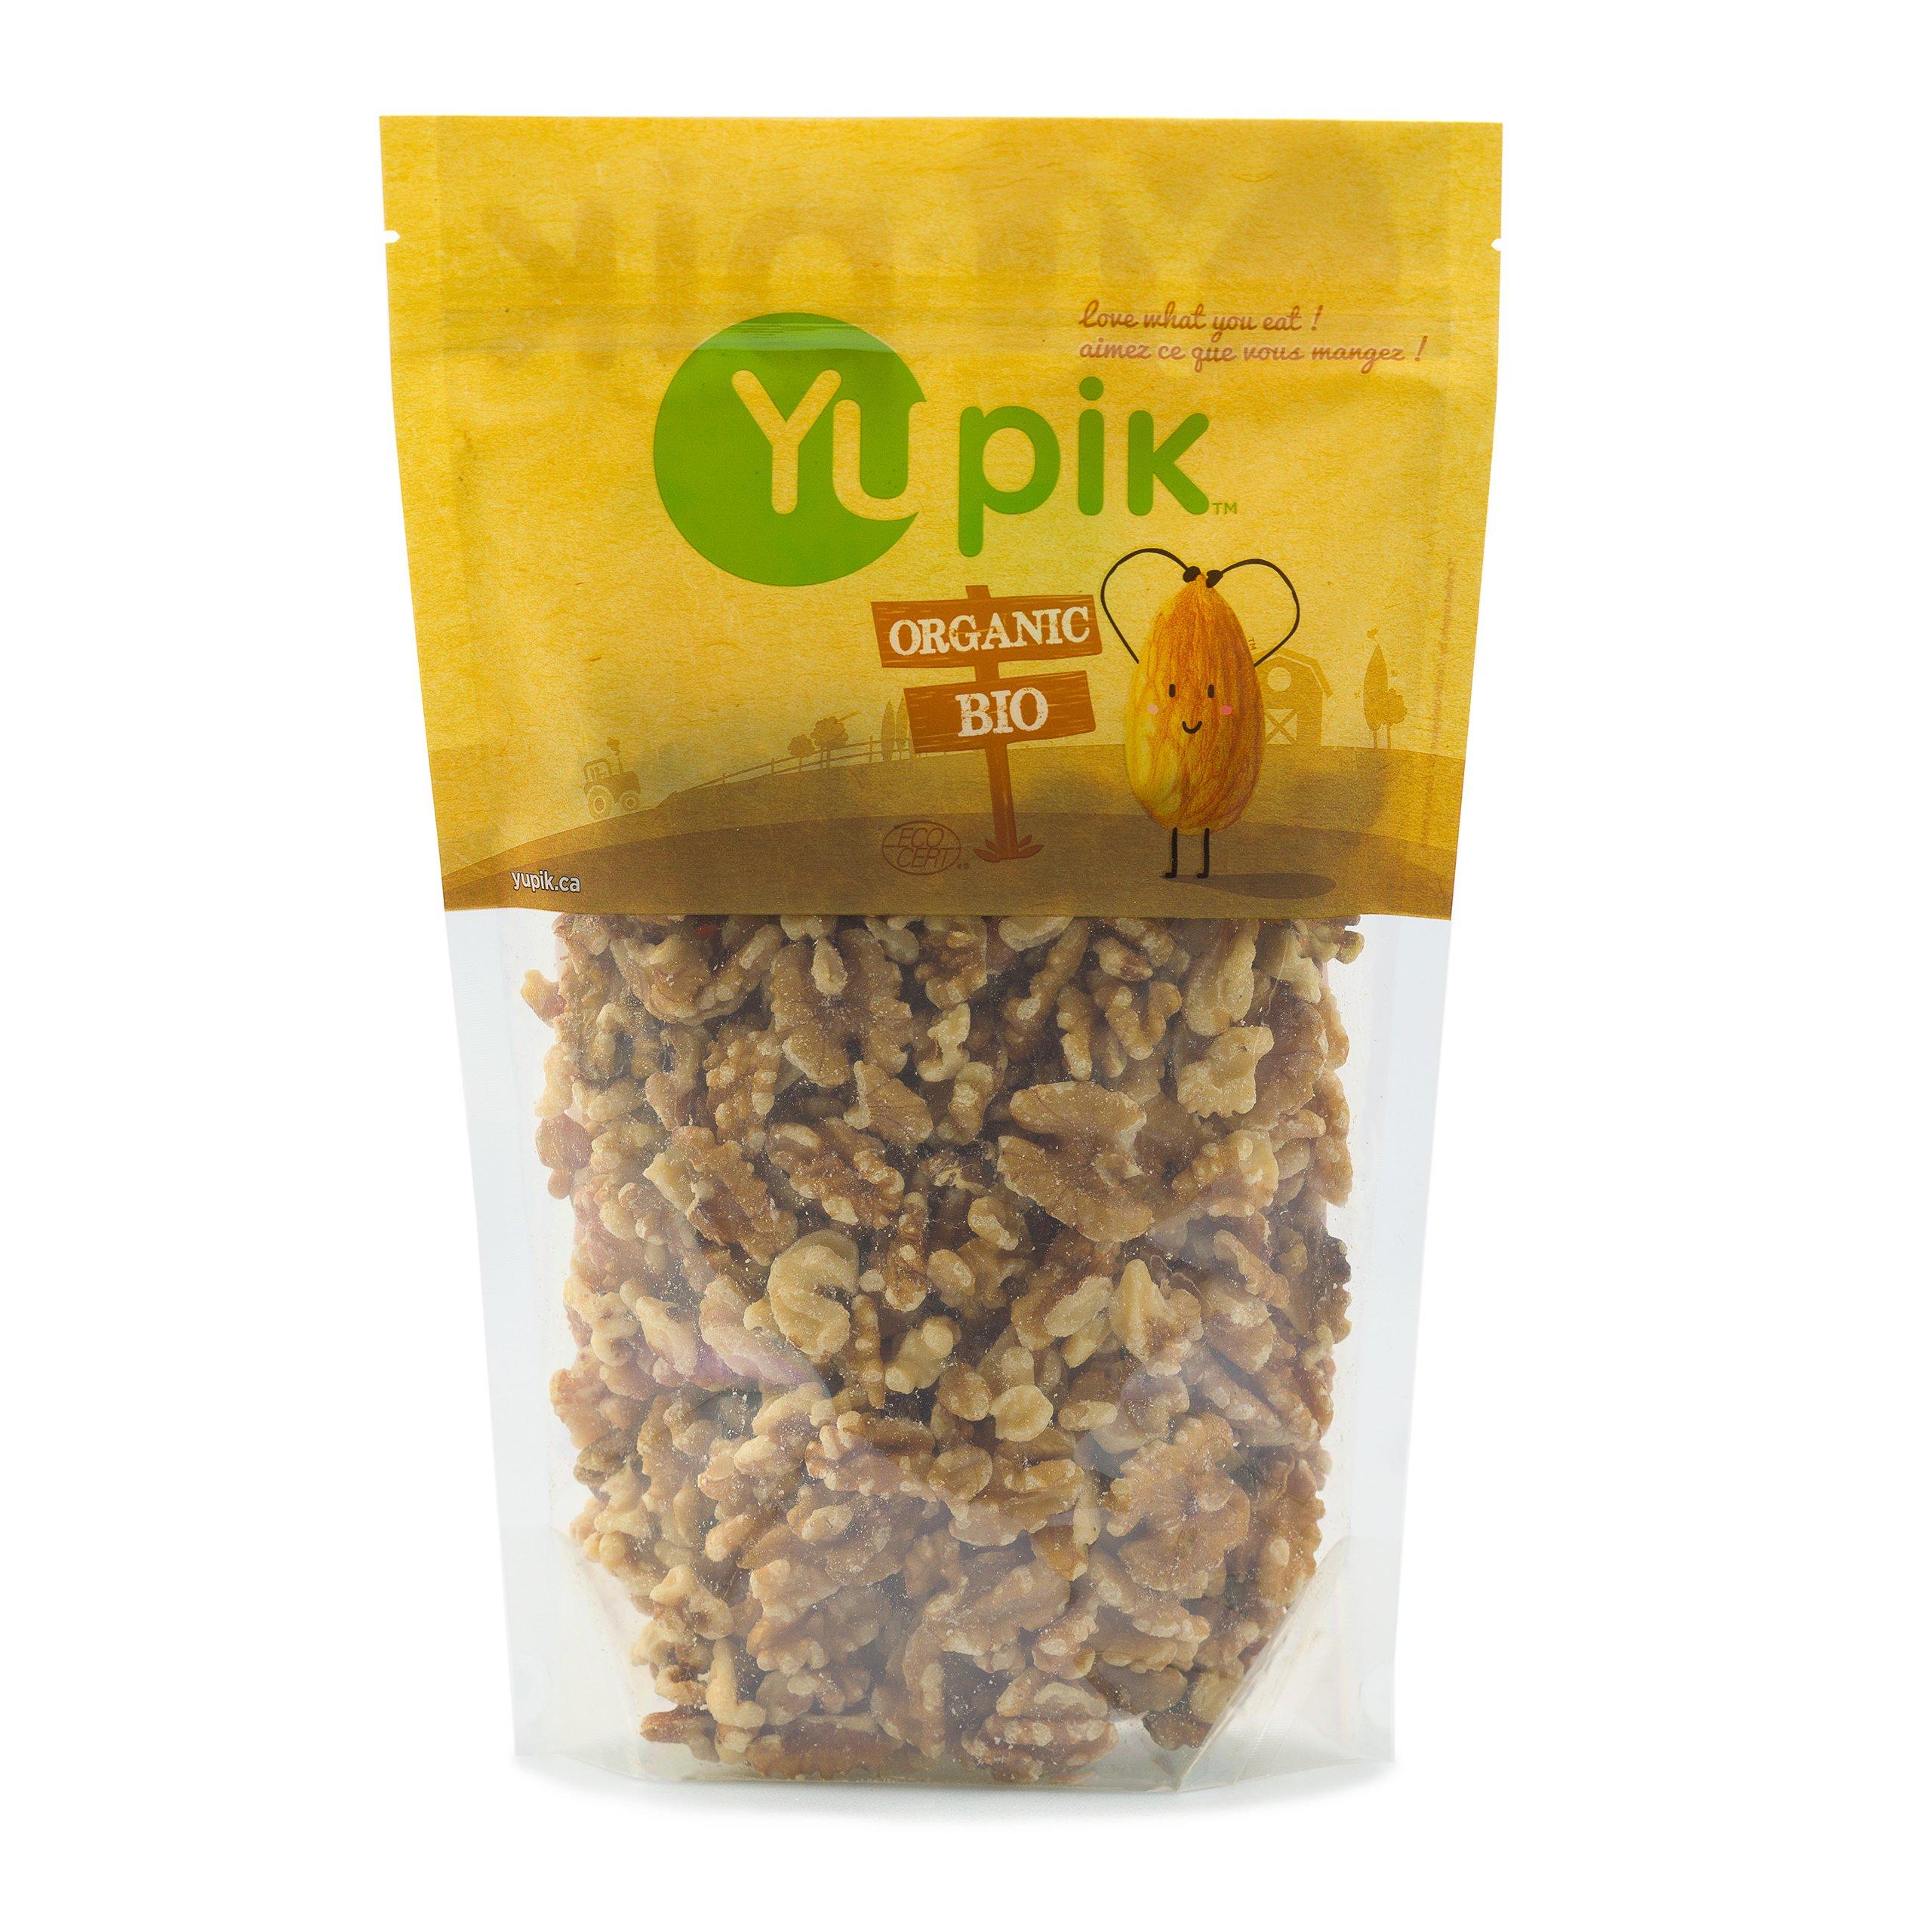 Yupik Organic California Walnuts, 2.2 lb by Yupik